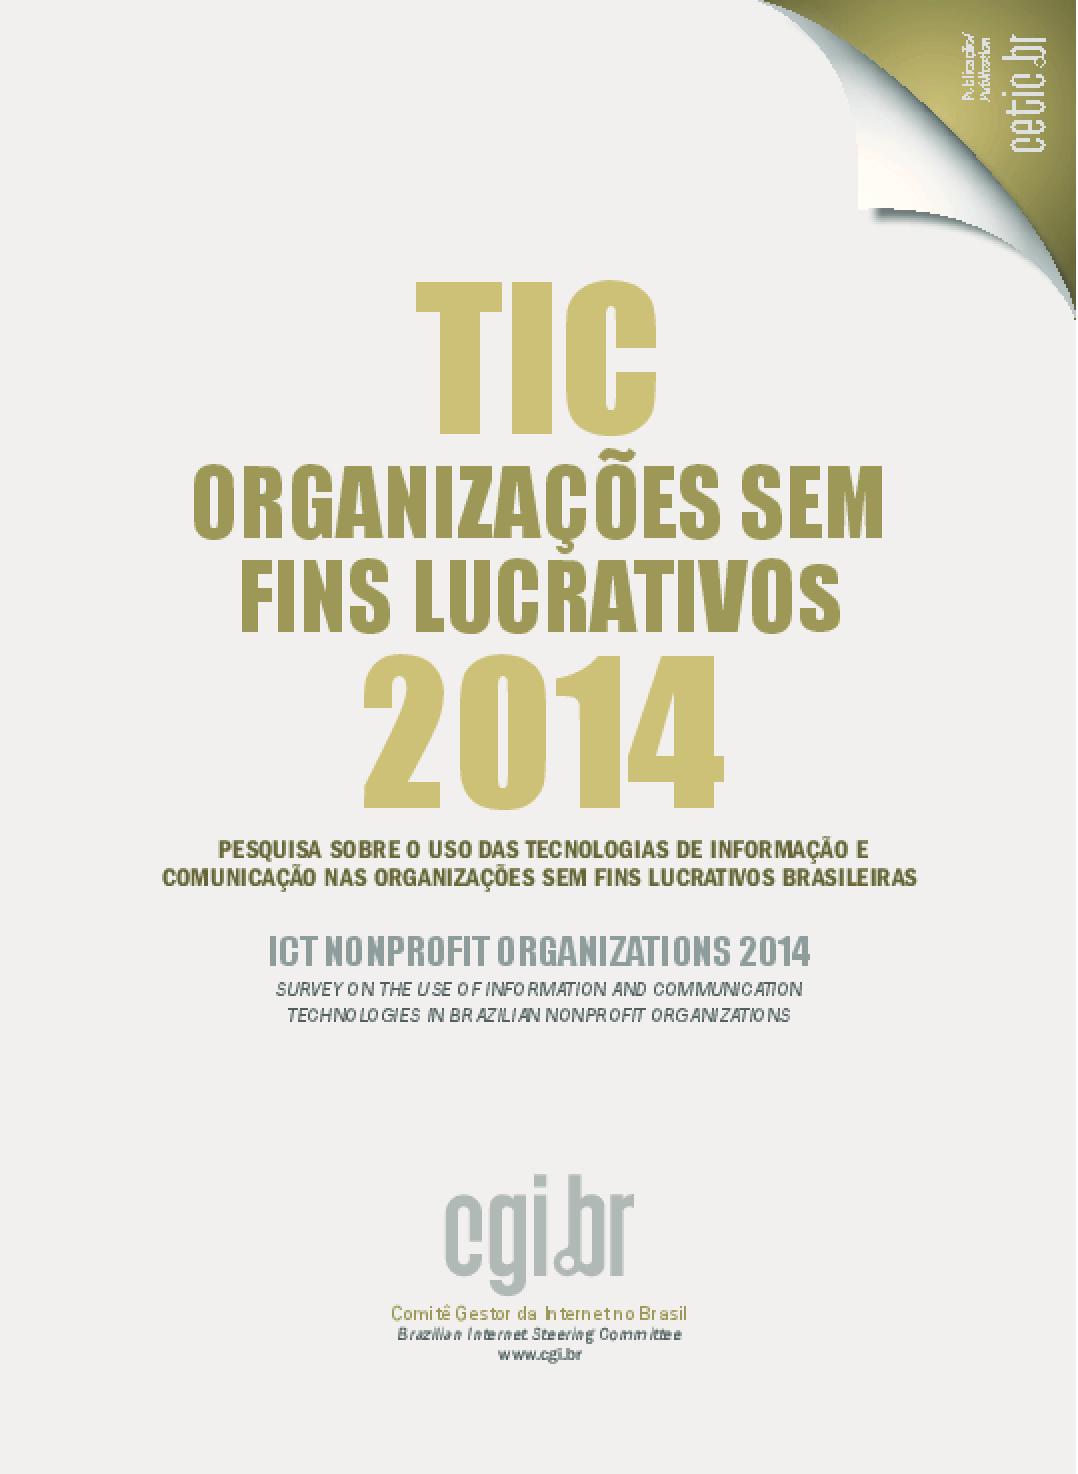 TIC Organizações Sem Fins Lucrativos 2014: pesquisa sobre o uso das tecnologias de informação e comunicação em organizações sem fins lucrativos brasileiras